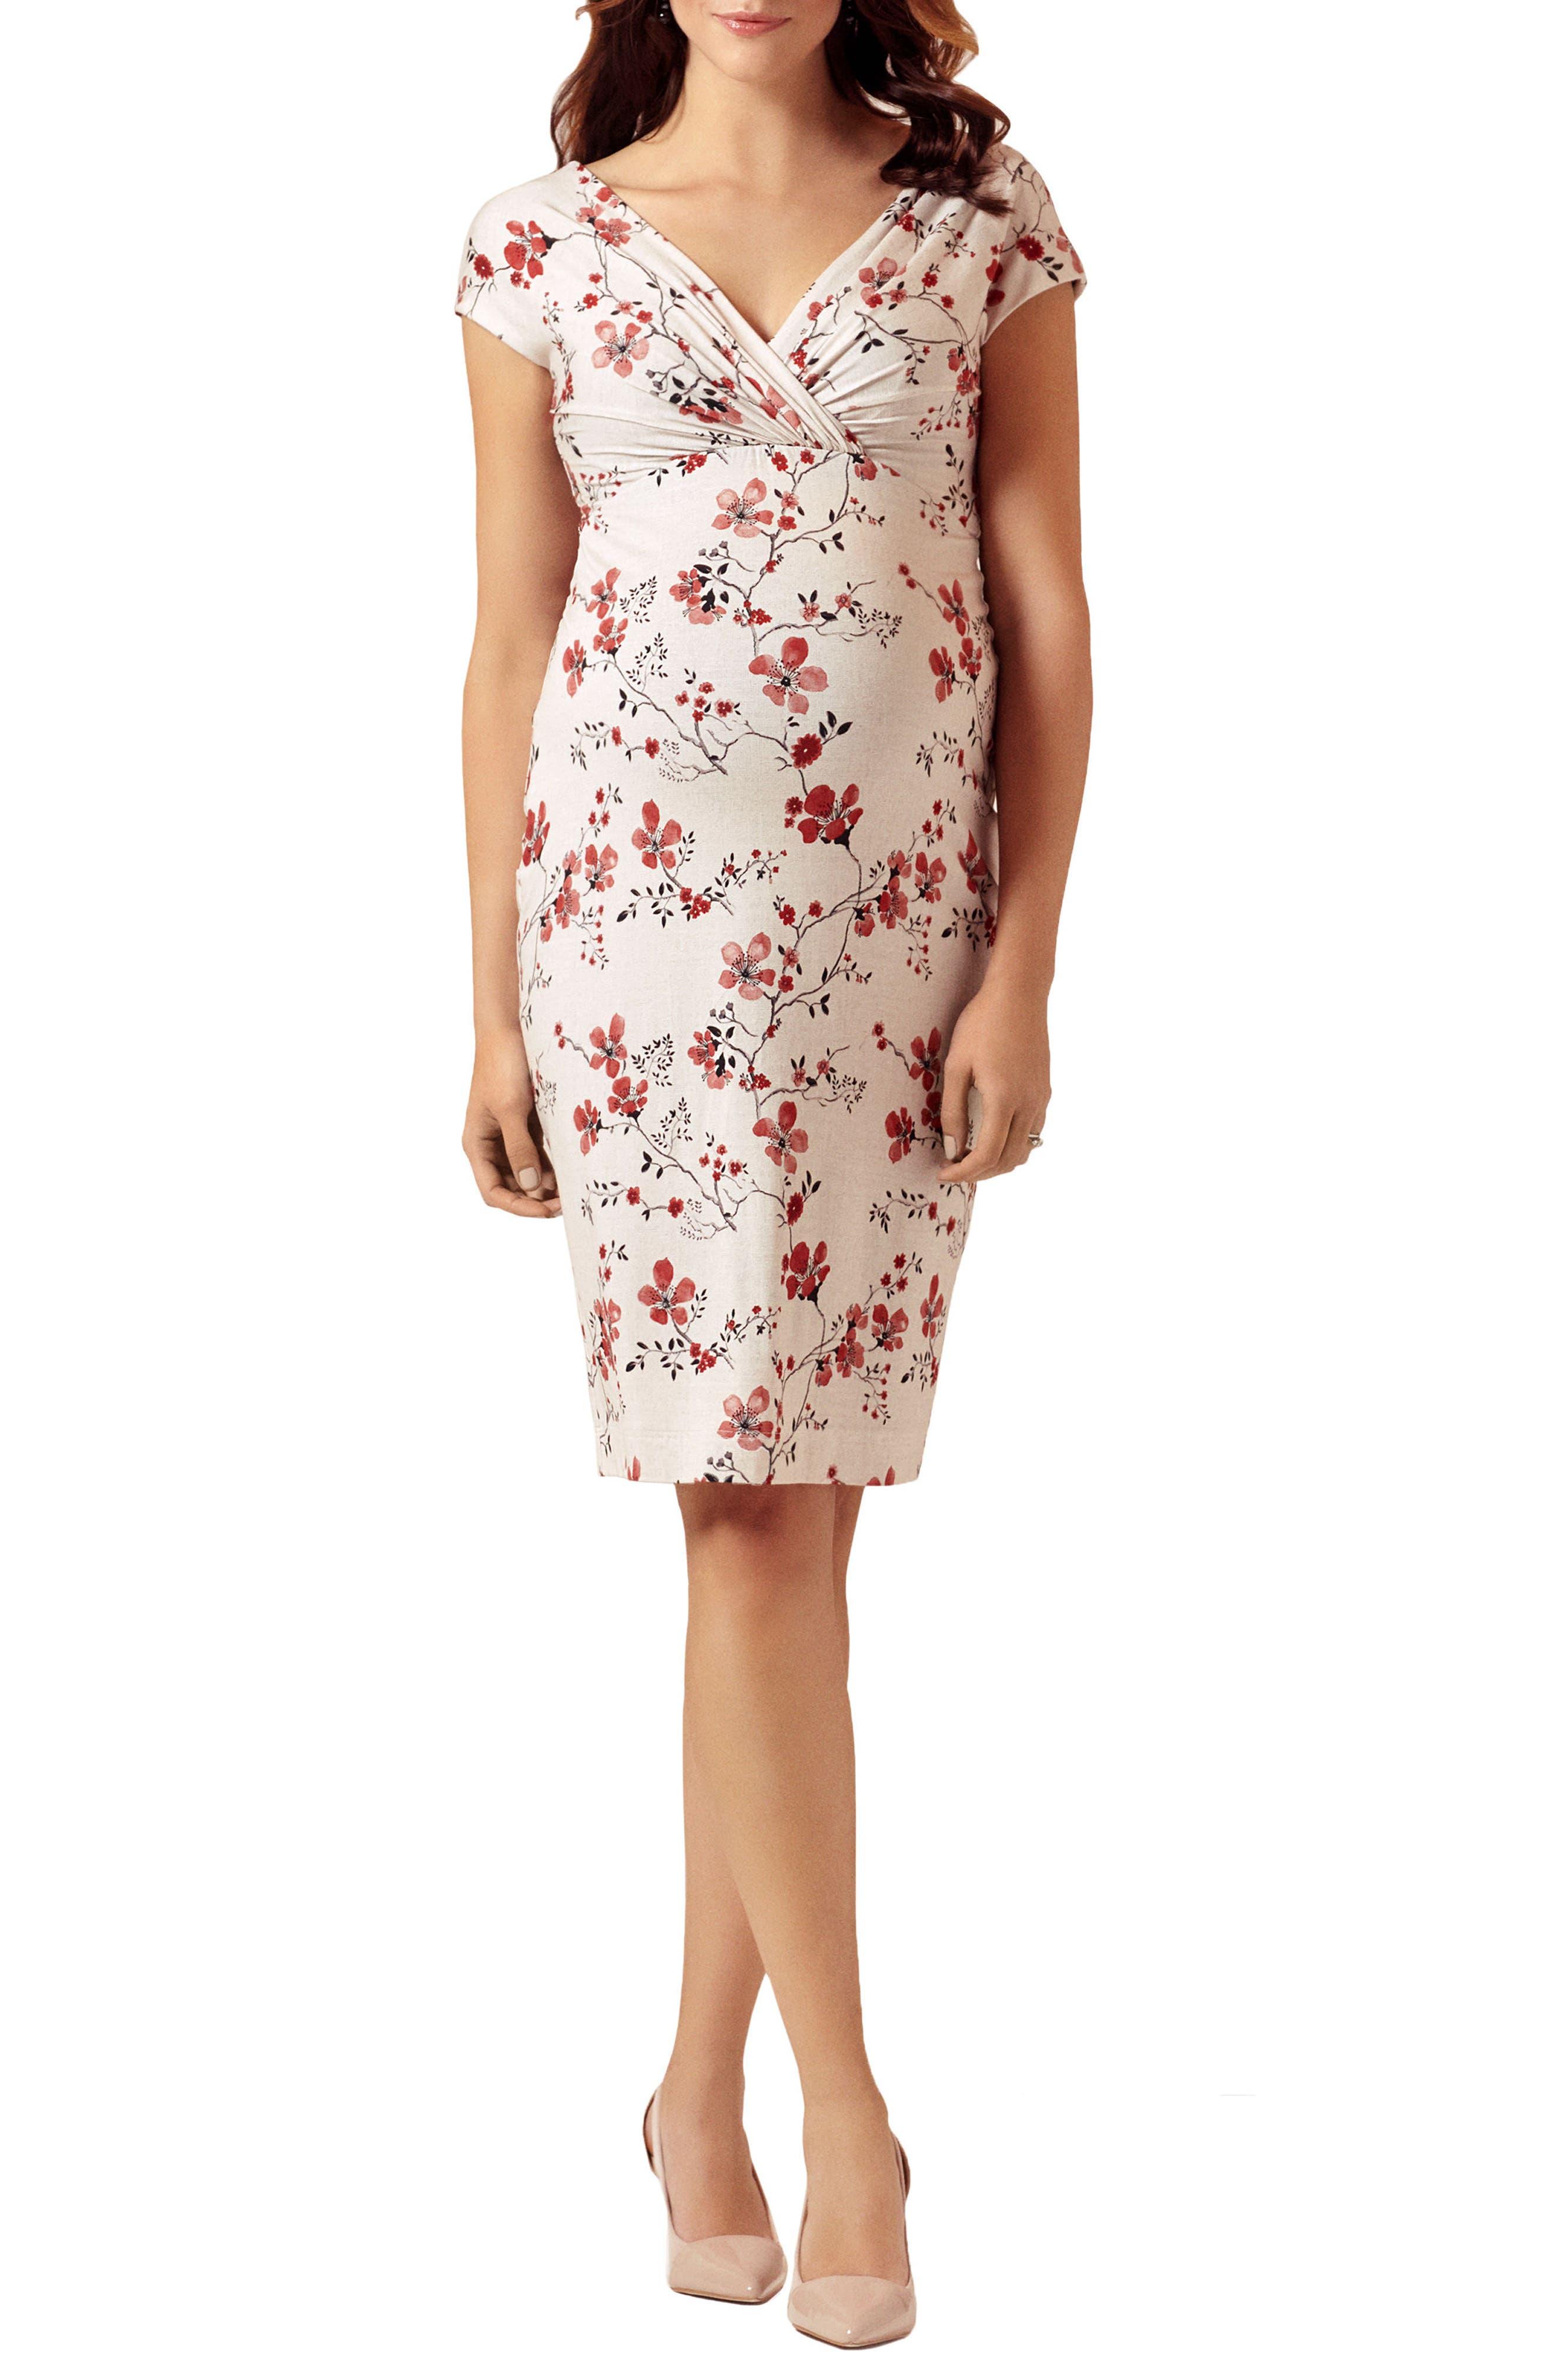 TIFFANY ROSE, Bardot Maternity Sheath Dress, Main thumbnail 1, color, CHERRY BLOSSOM